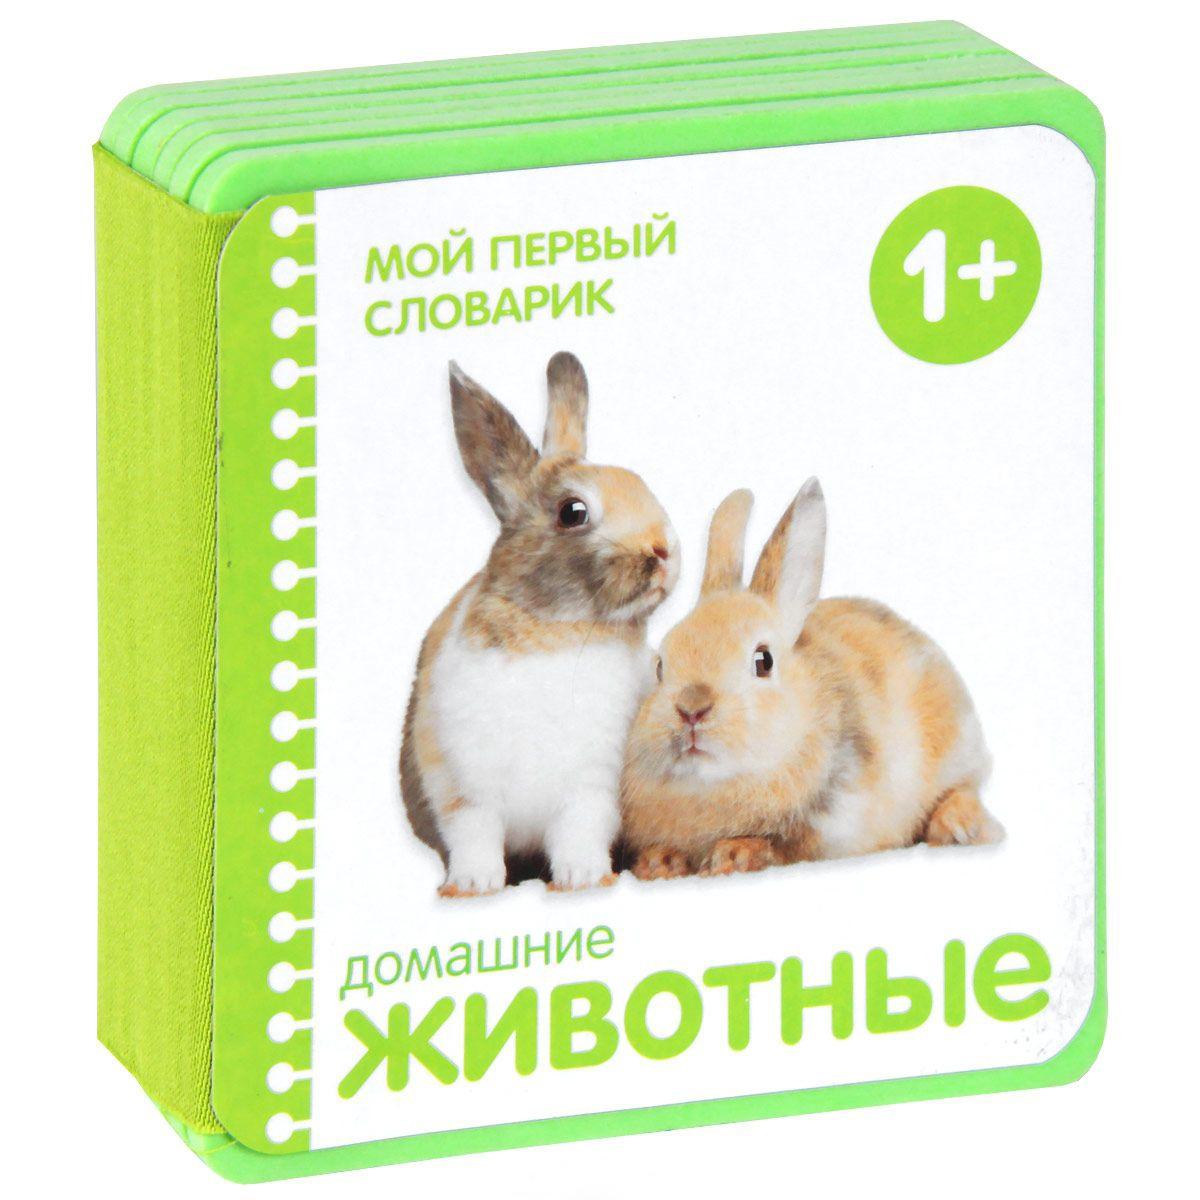 Мой первый словарик Школа семи гномов Домашние животные (EVA) New